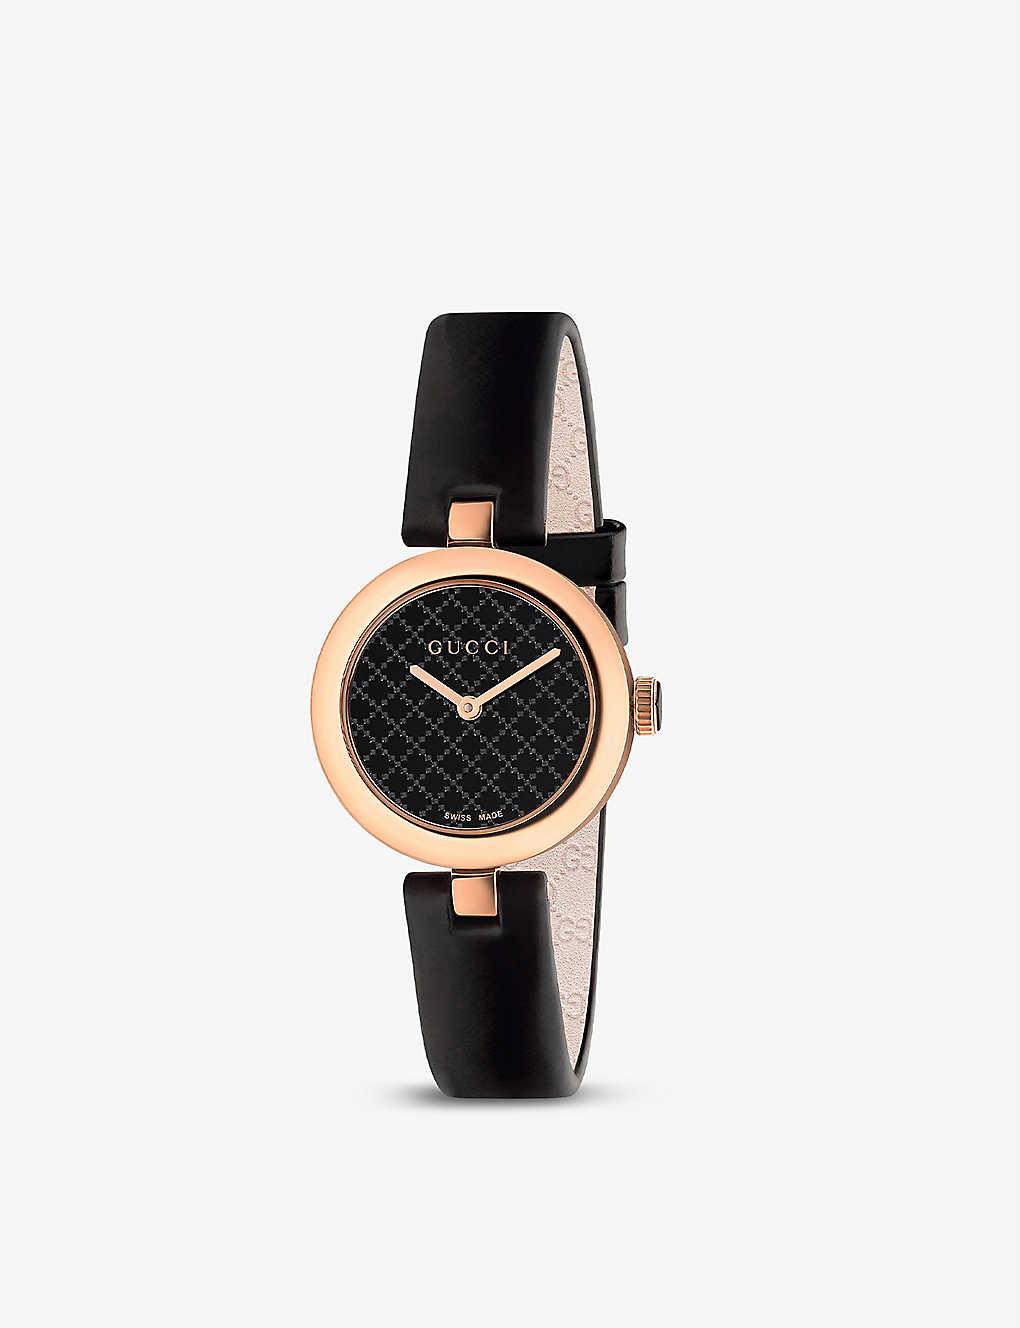 6e6160dc49a GUCCI - YA141501 Diamantissima stainless steel watch